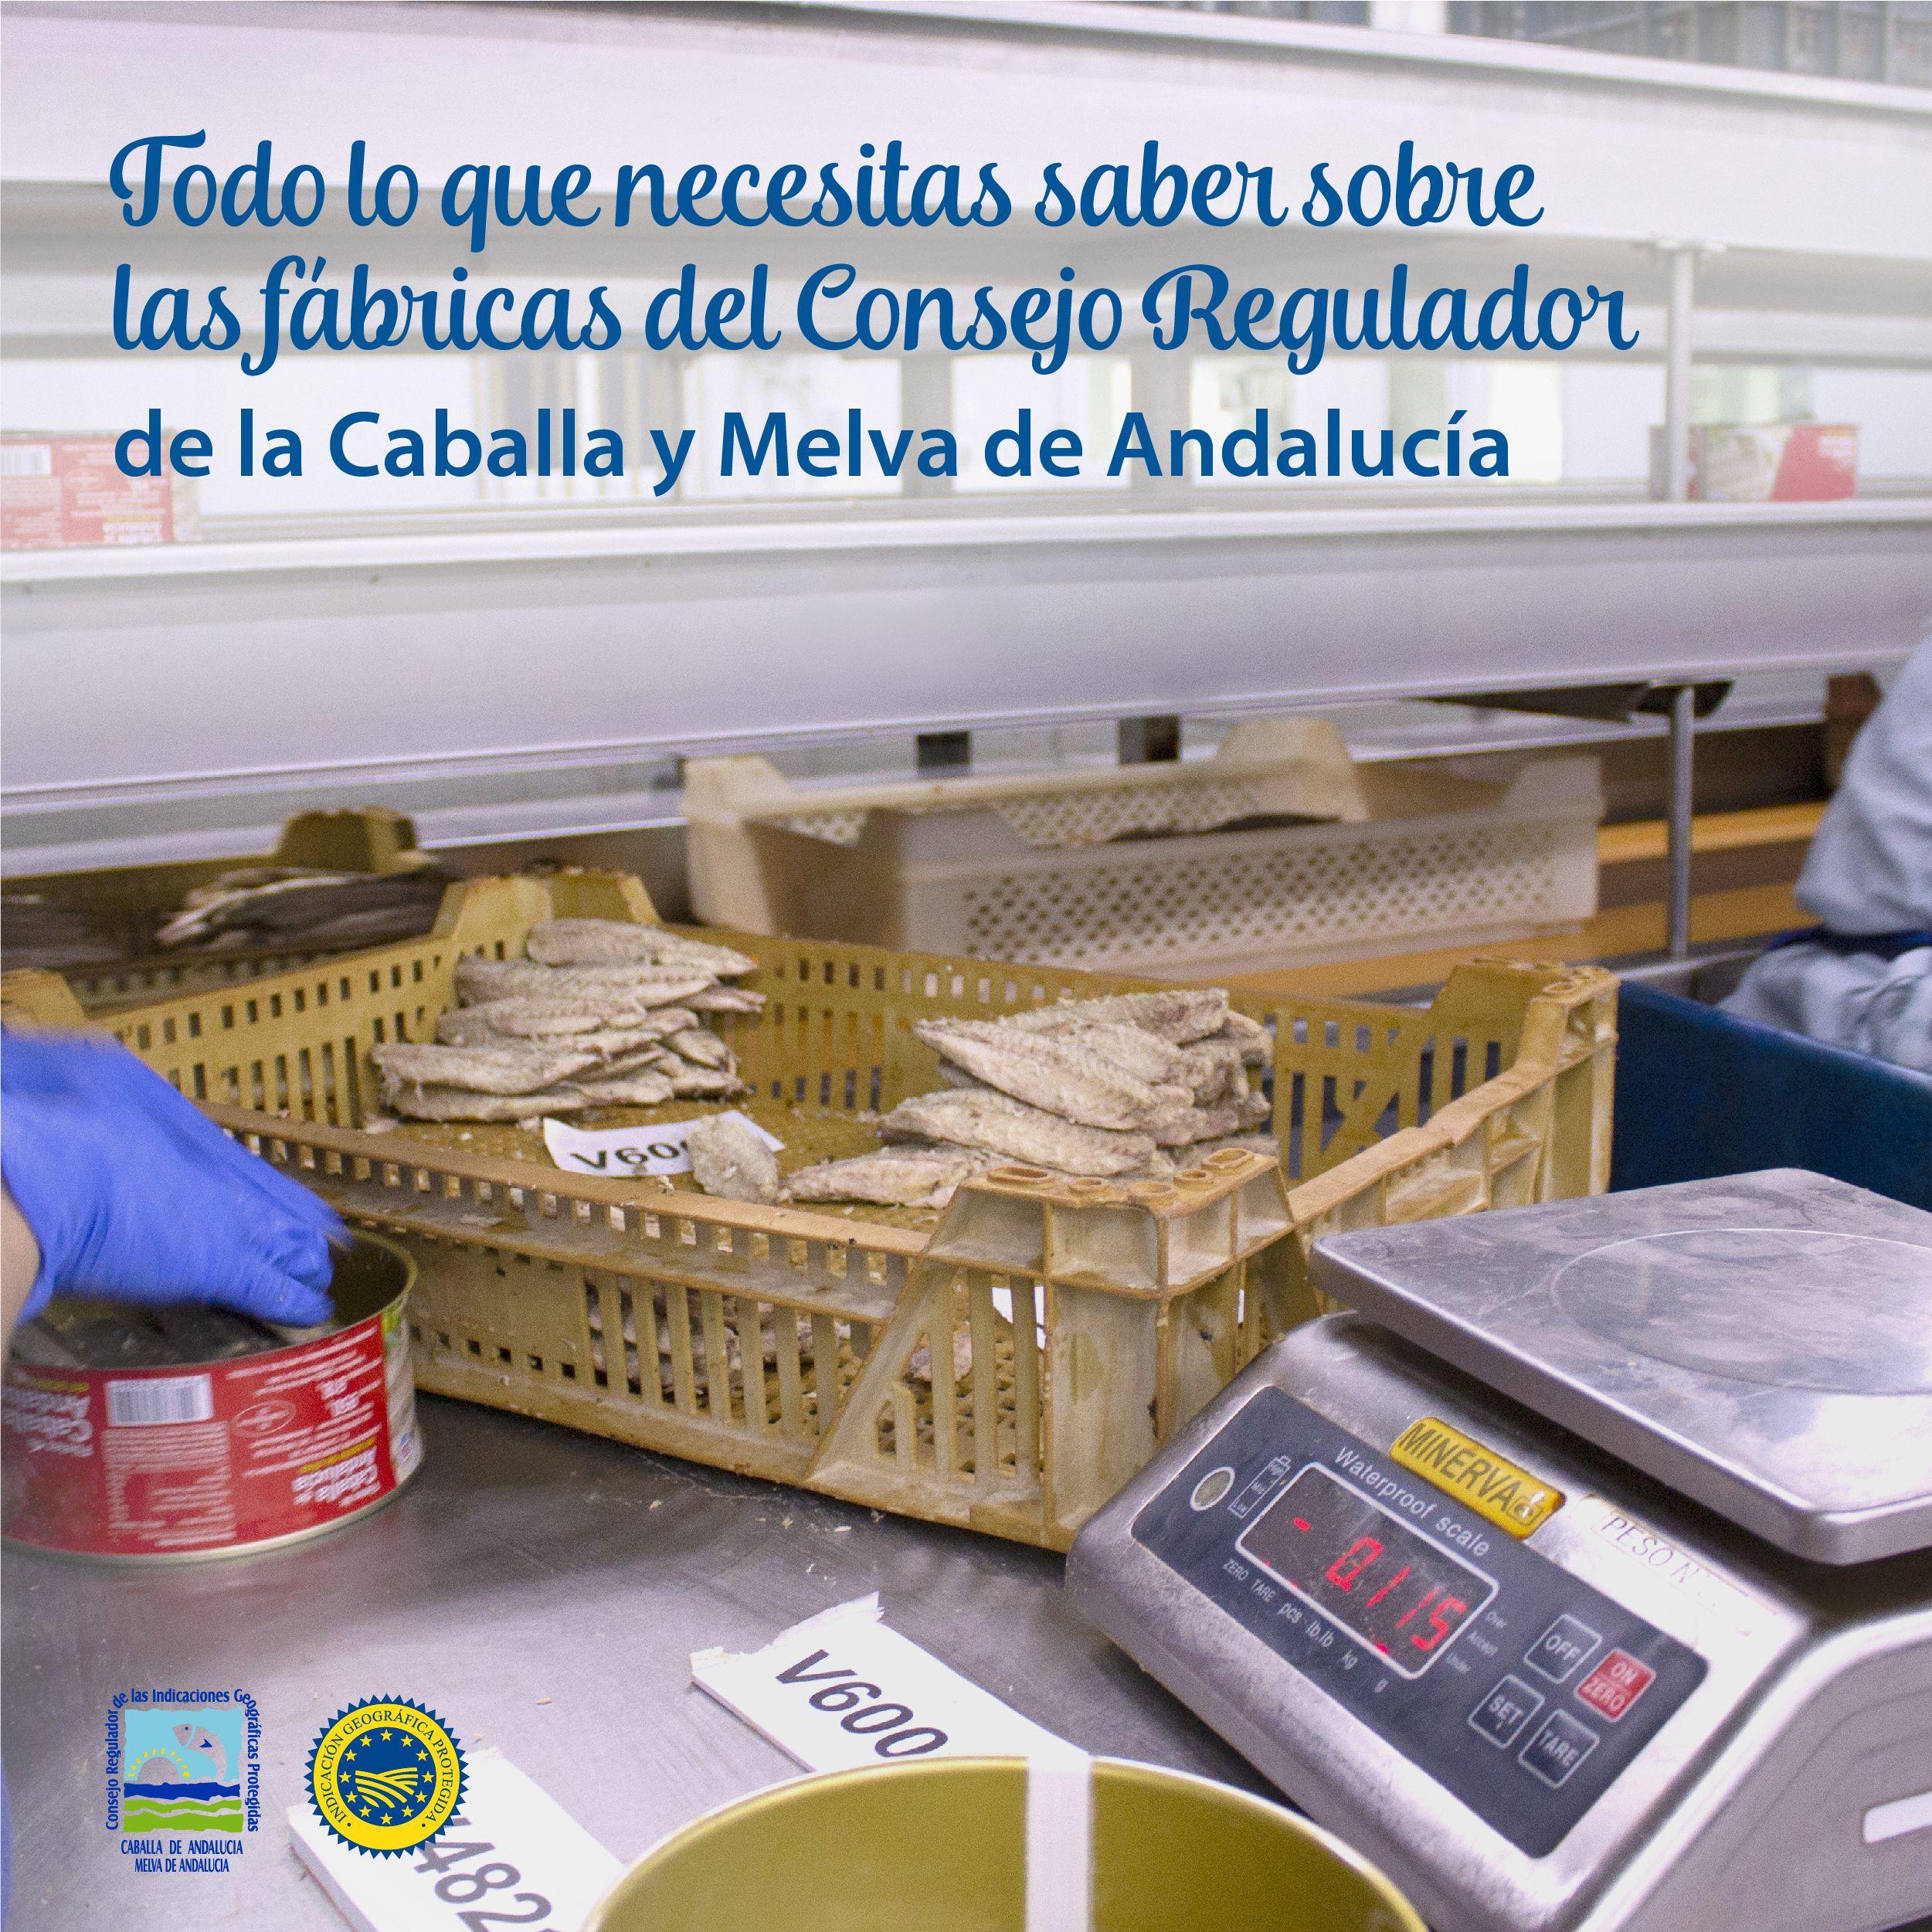 Las fábricas del Consejo Regulador Caballa de Andalucía y Melva de Andalucía